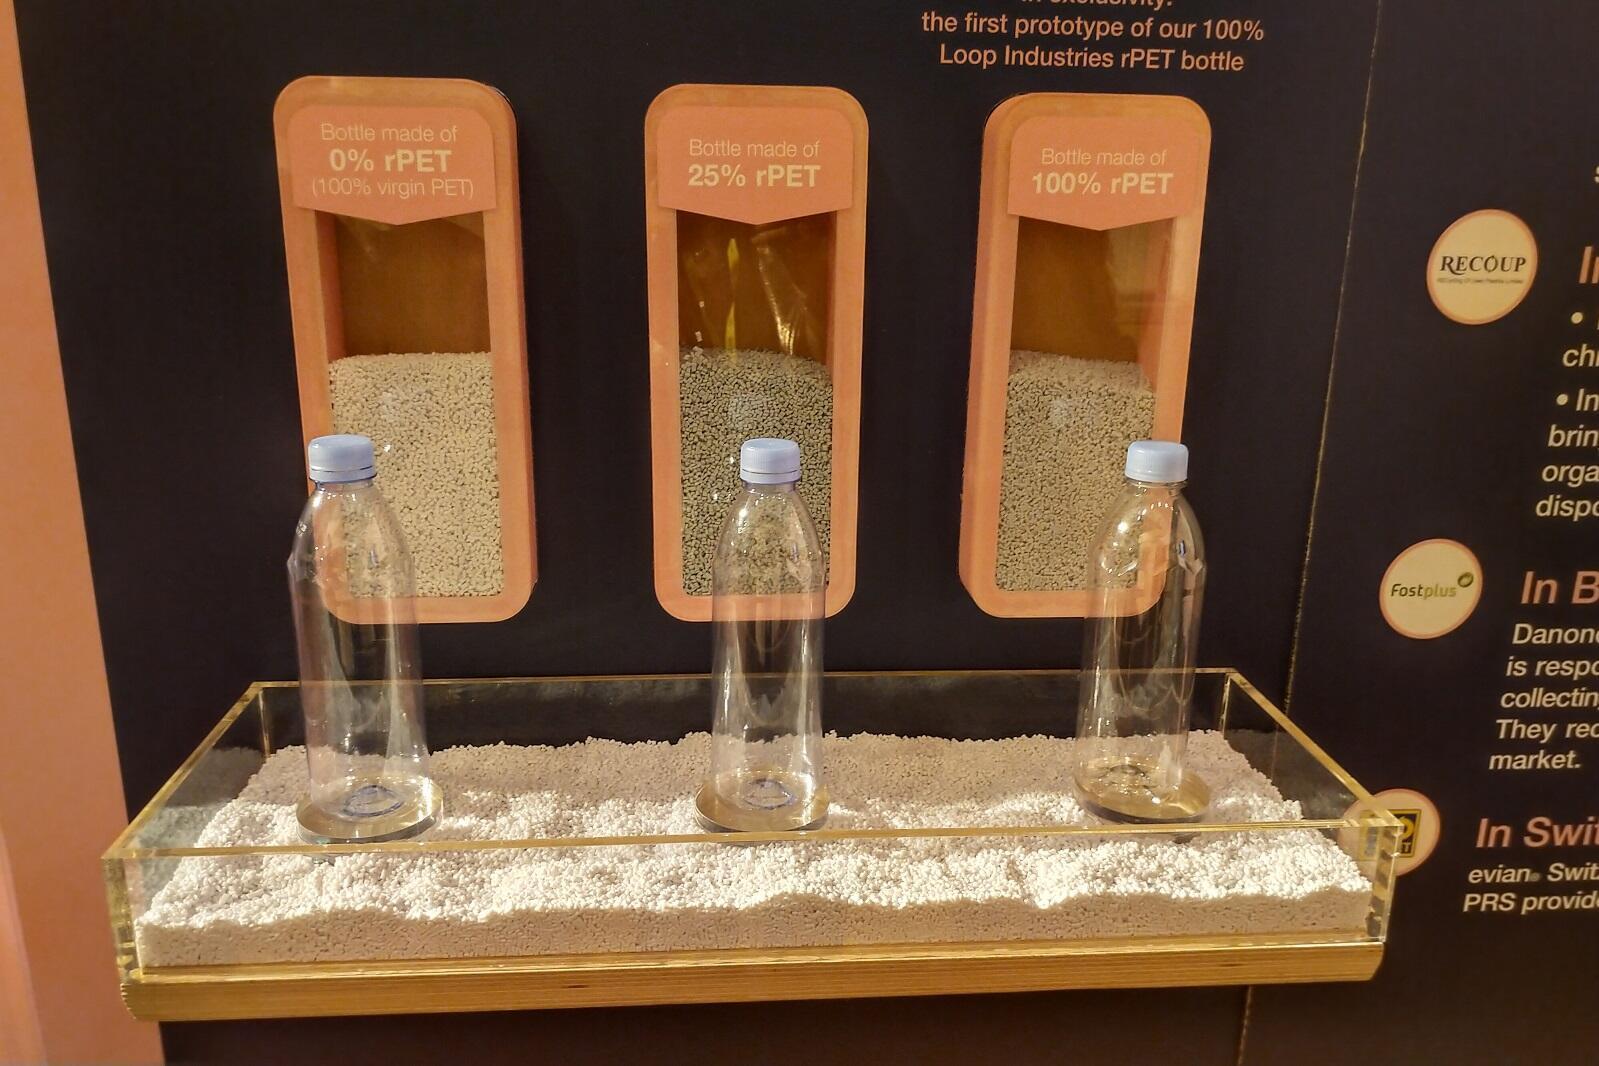 Botellas fabricadas con PET (plástico reciclado).